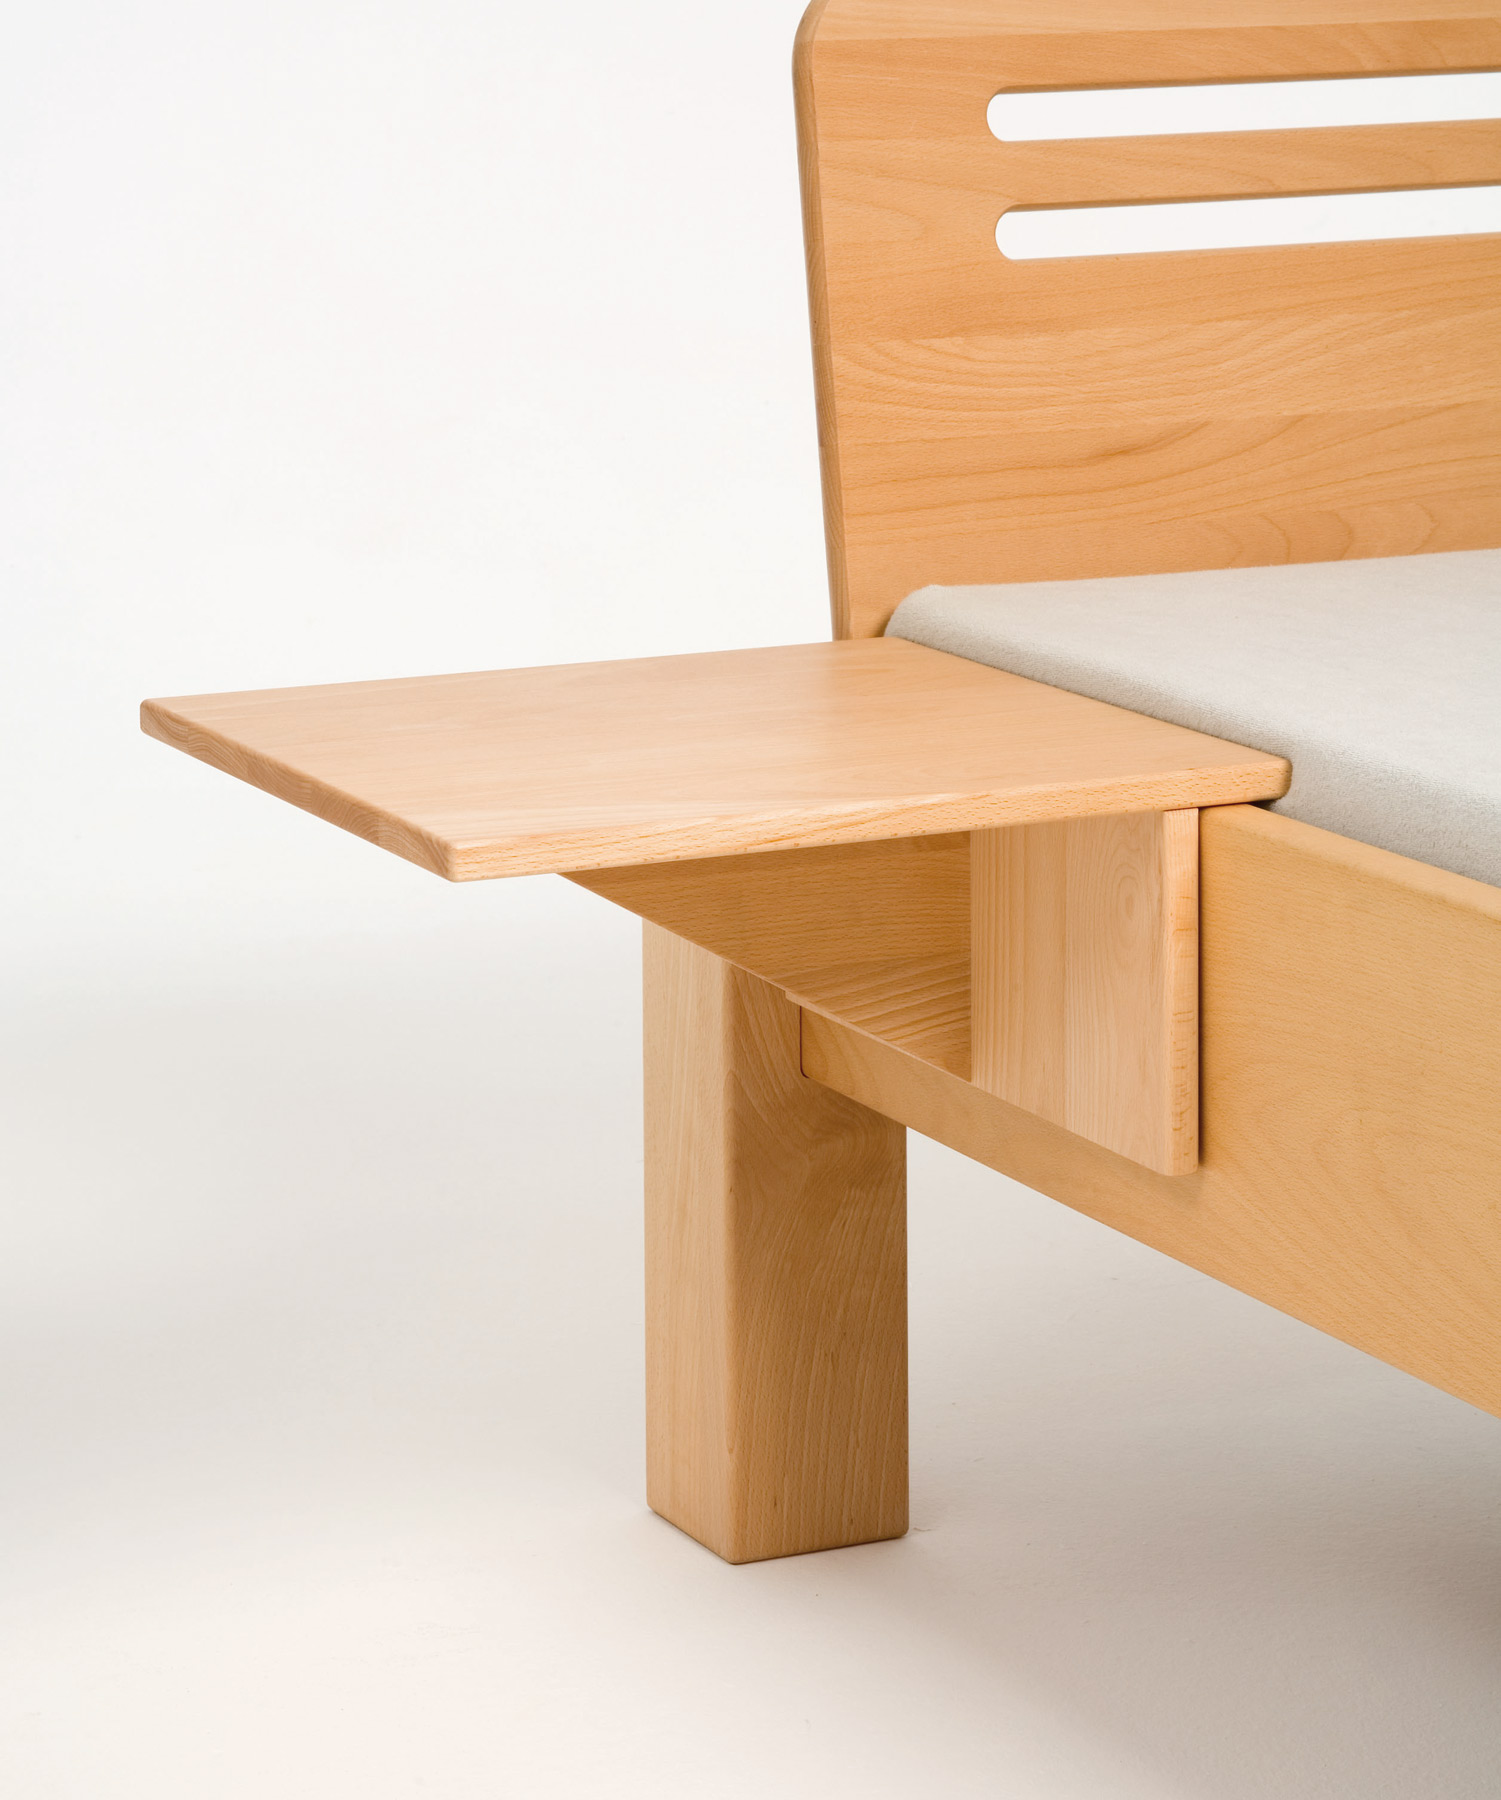 bedside table l shape metal free purenature. Black Bedroom Furniture Sets. Home Design Ideas